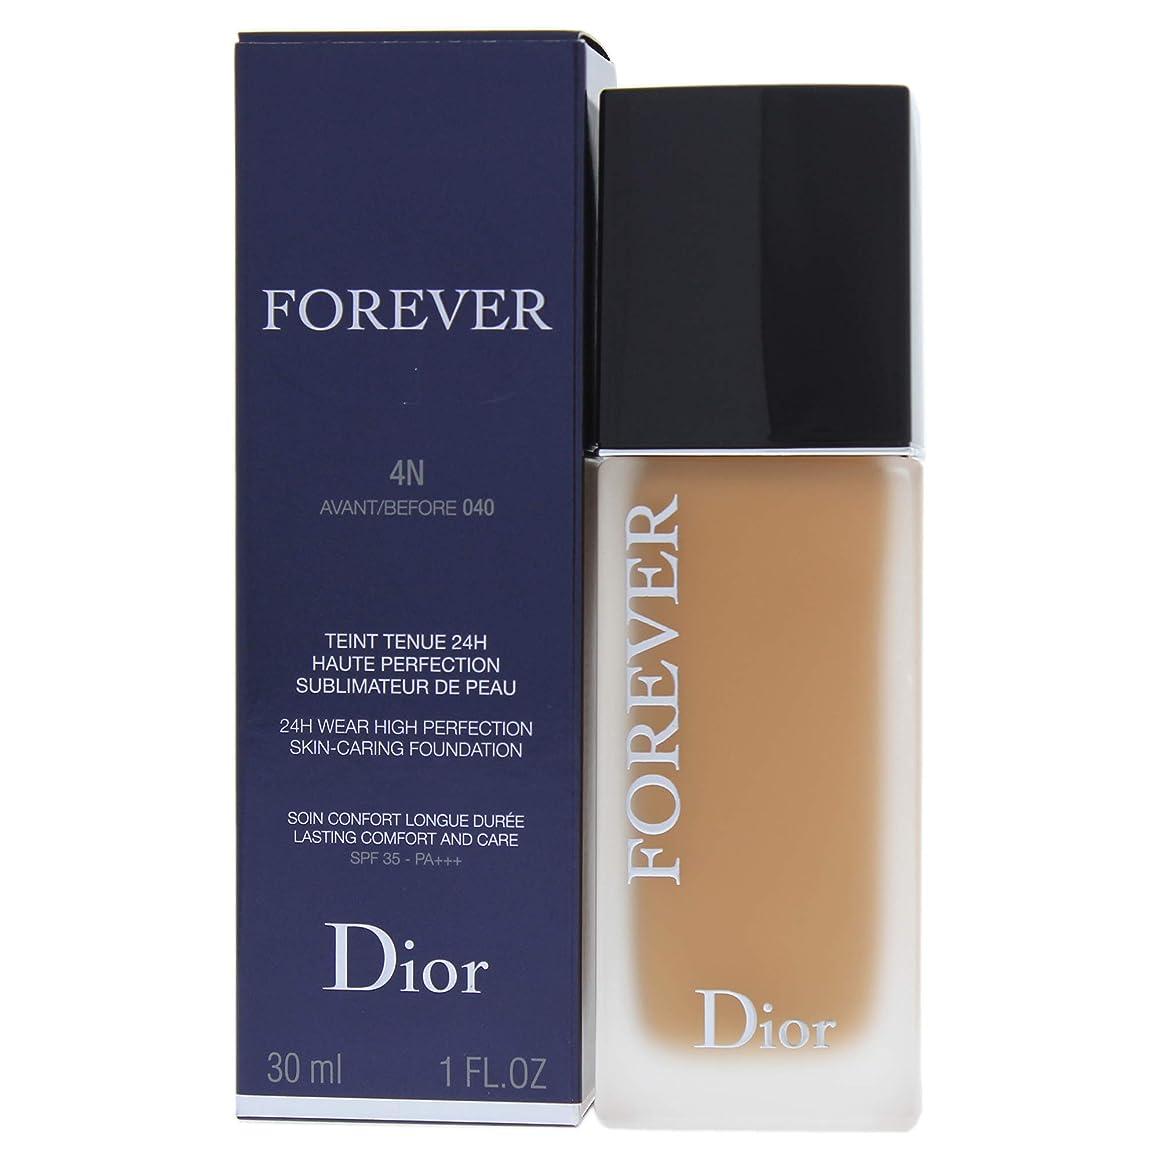 ジャズ専門聖職者クリスチャンディオール Dior Forever 24H Wear High Perfection Foundation SPF 35 - # 4N (Neutral) 30ml/1oz並行輸入品